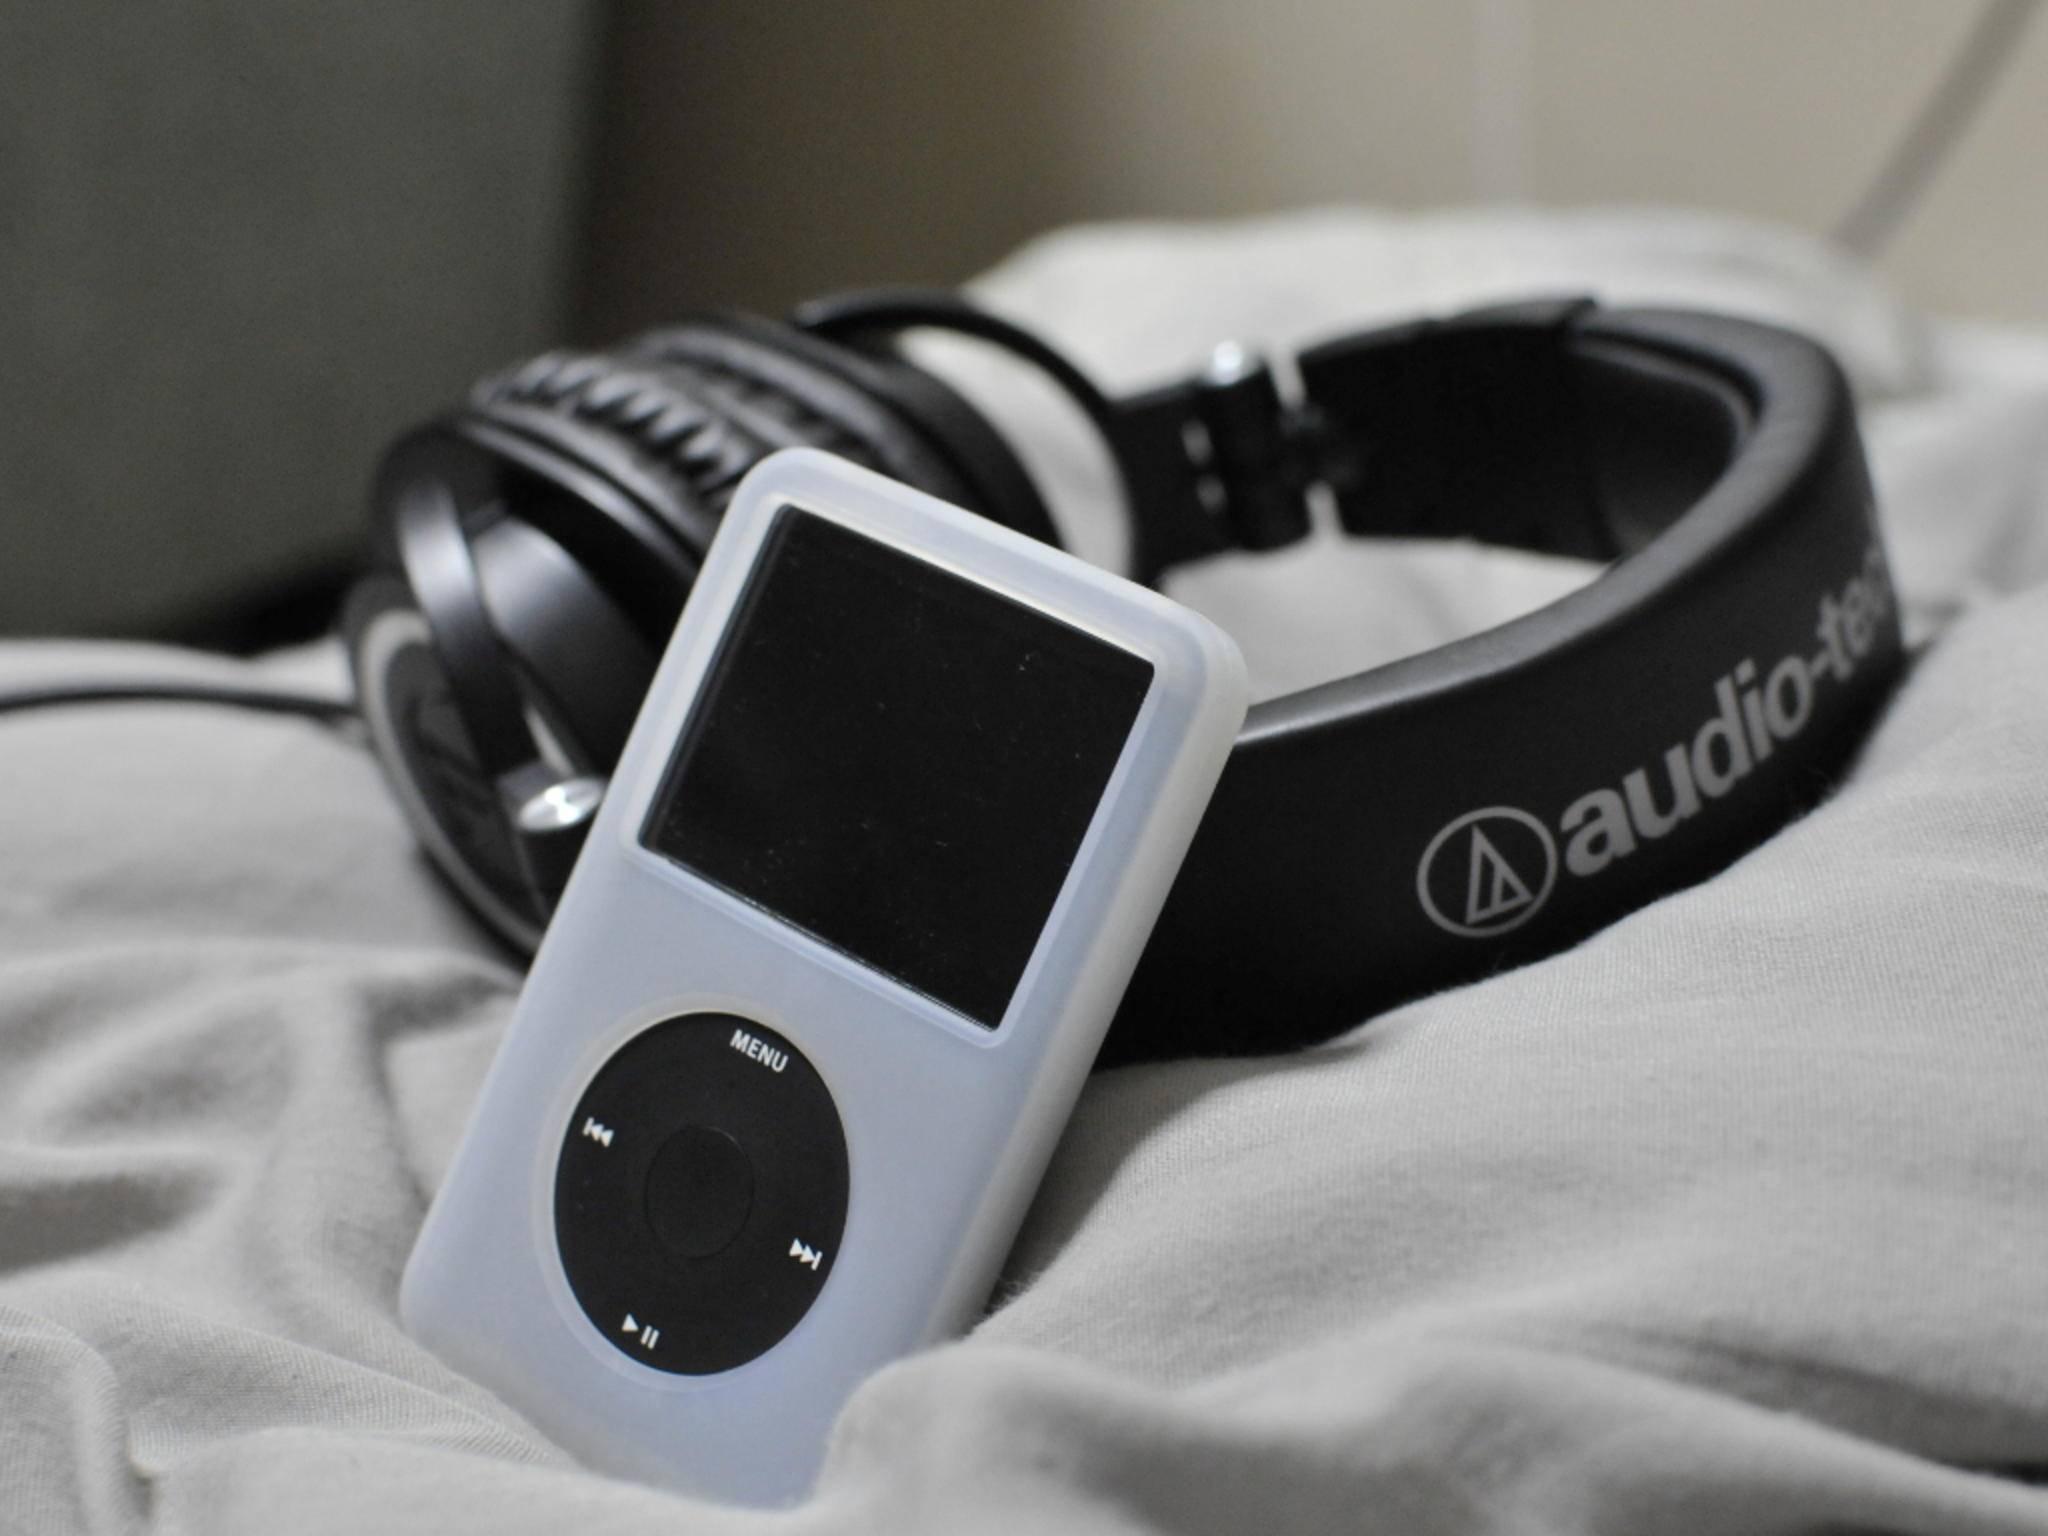 Der offizielle Verkauf des iPod Classic endete im September 2014.